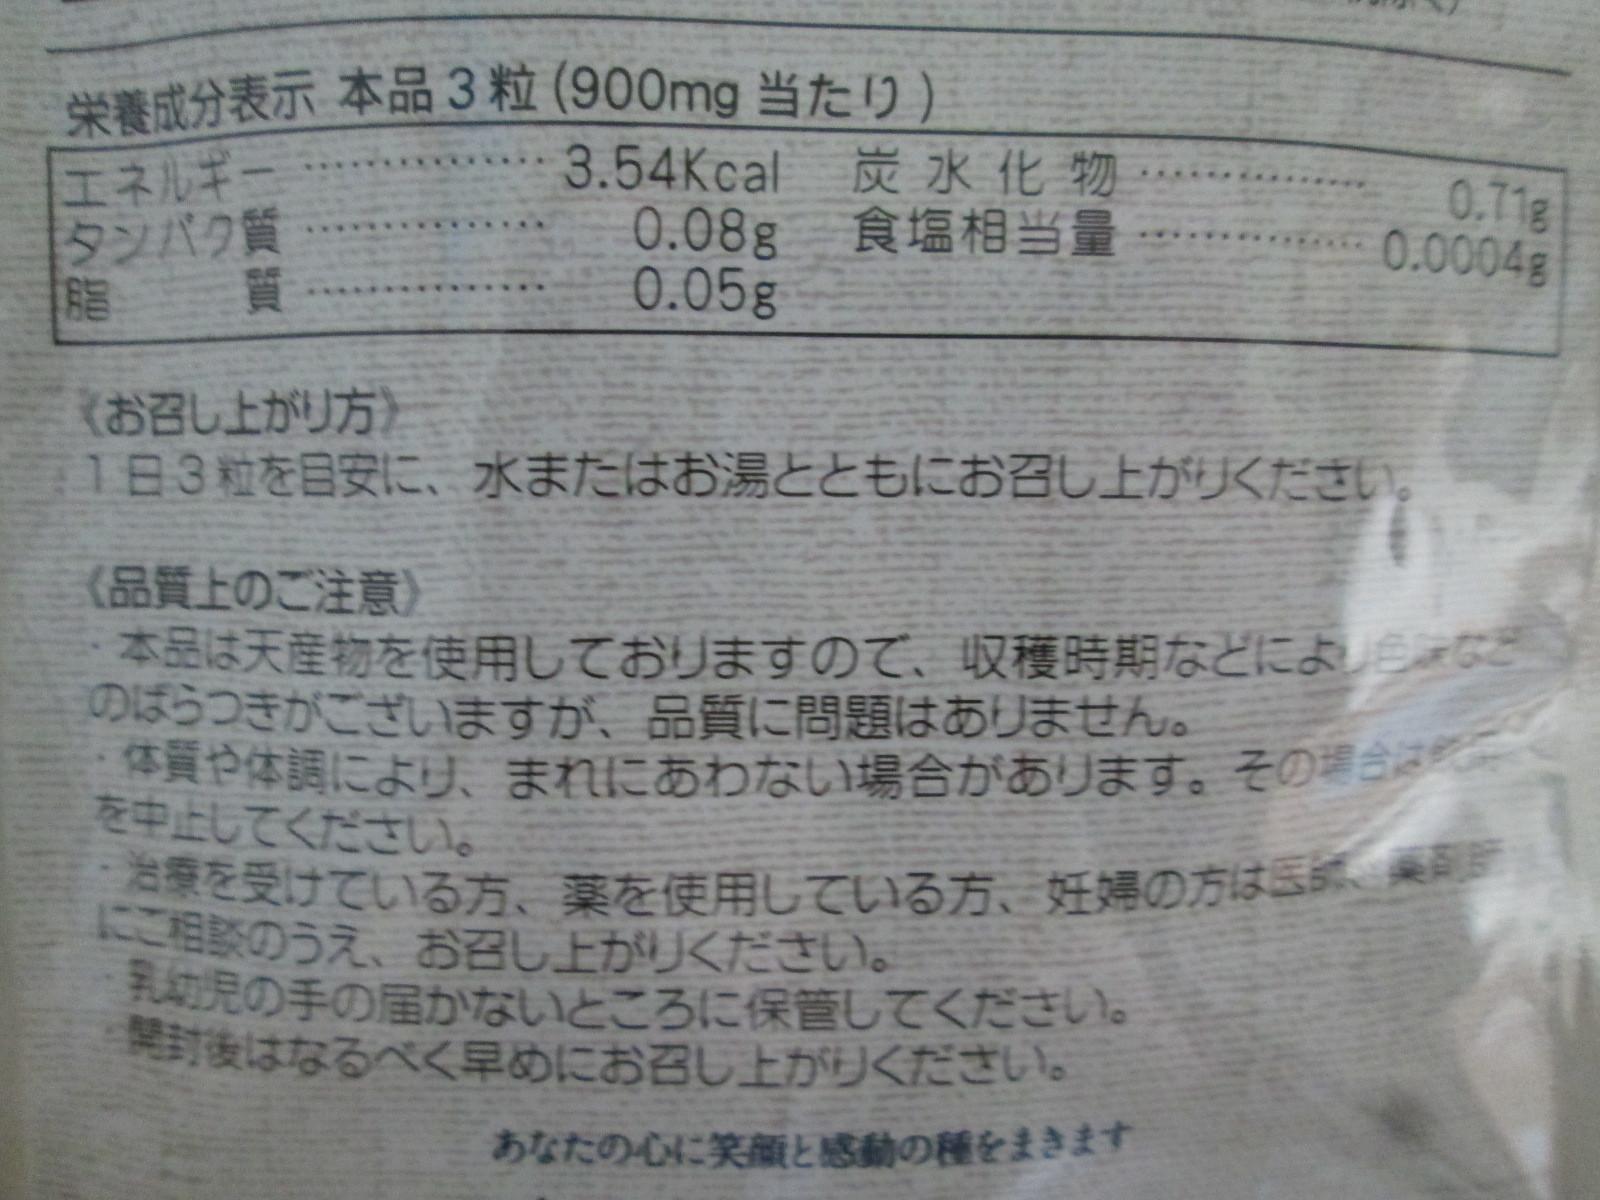 IMG_3778すらっと (4)